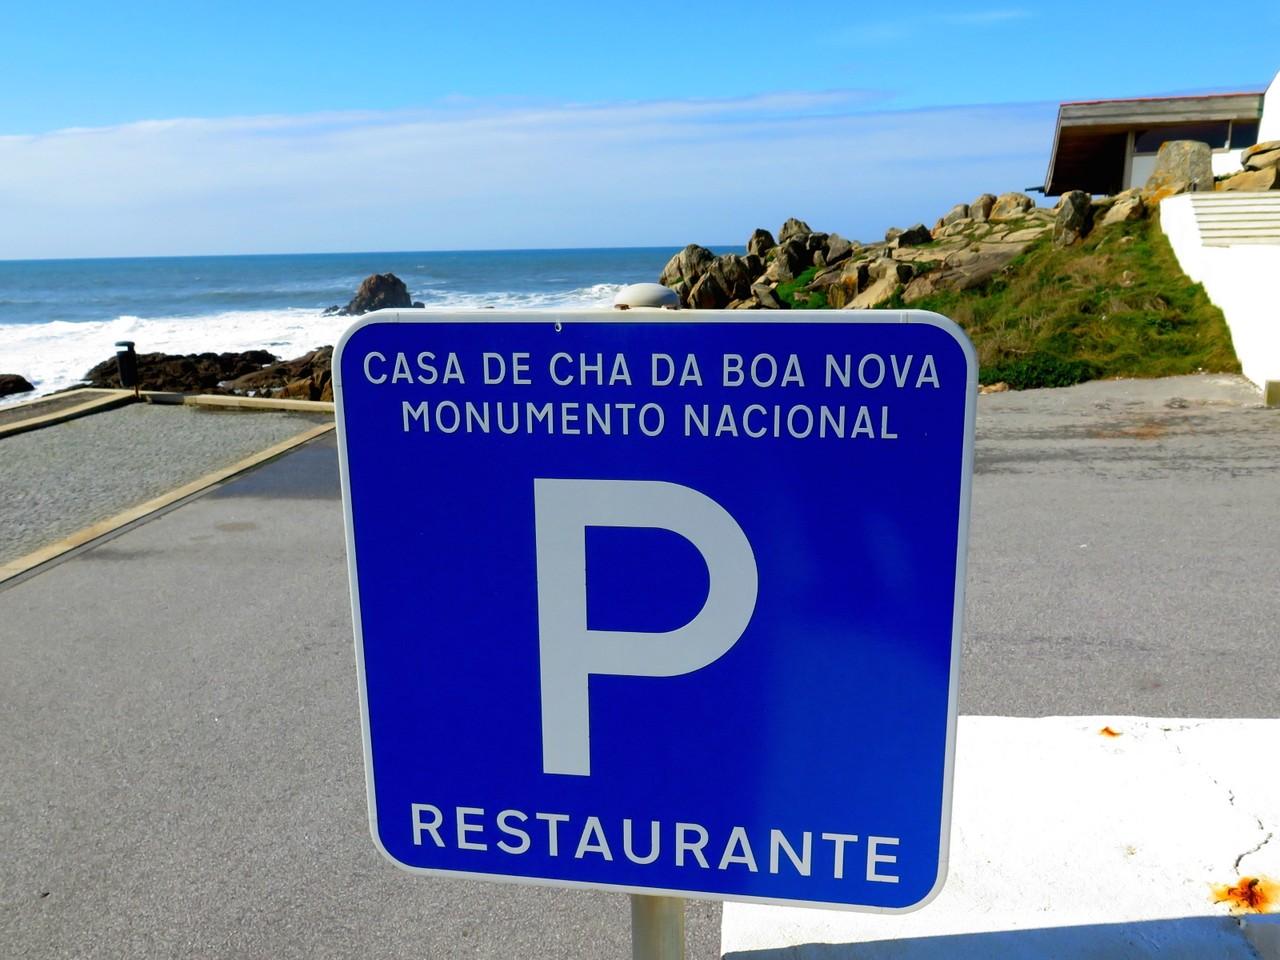 A chegada ao restaurante CASA DE CHÁ DA BOA NOVA